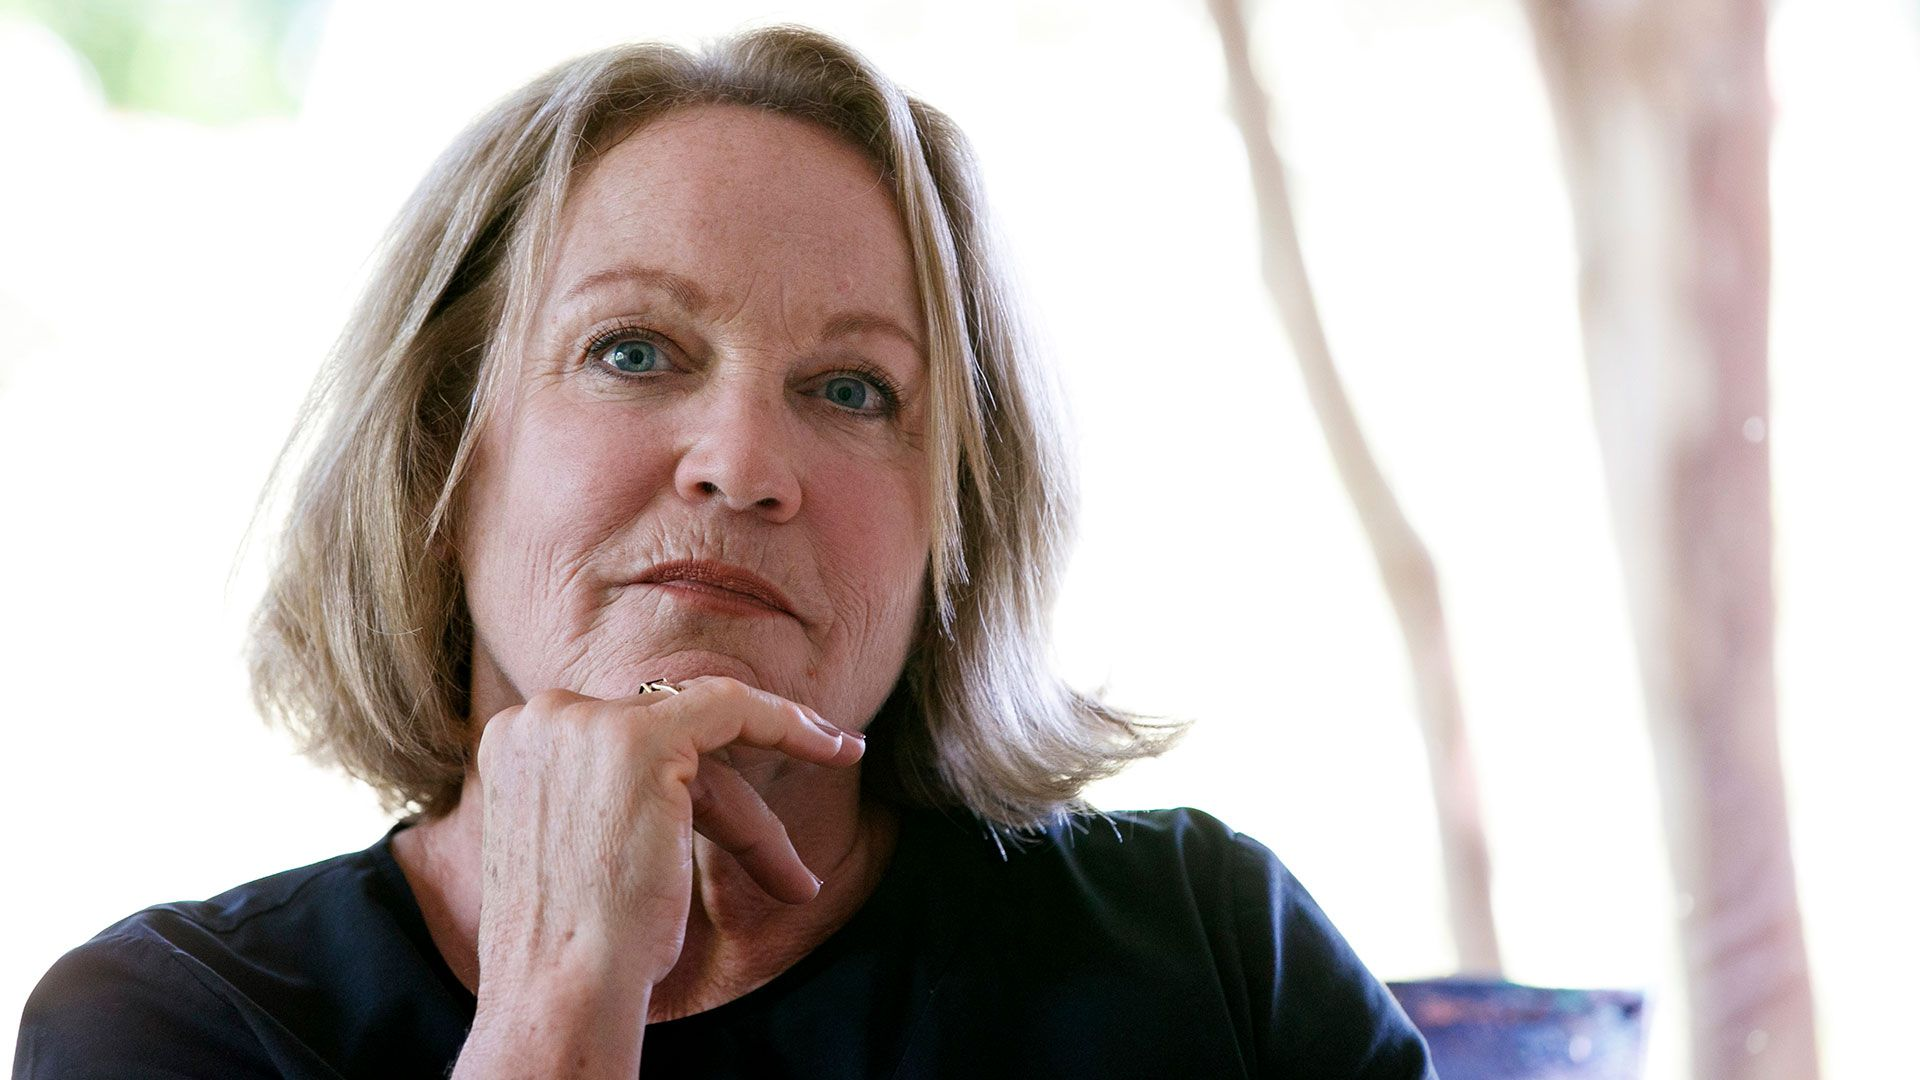 Patricia Wulf, una cantante de ópera retirada, fue de las primeras nueve mujeres que acusaron a Domingo de acoso (Foto: AP)